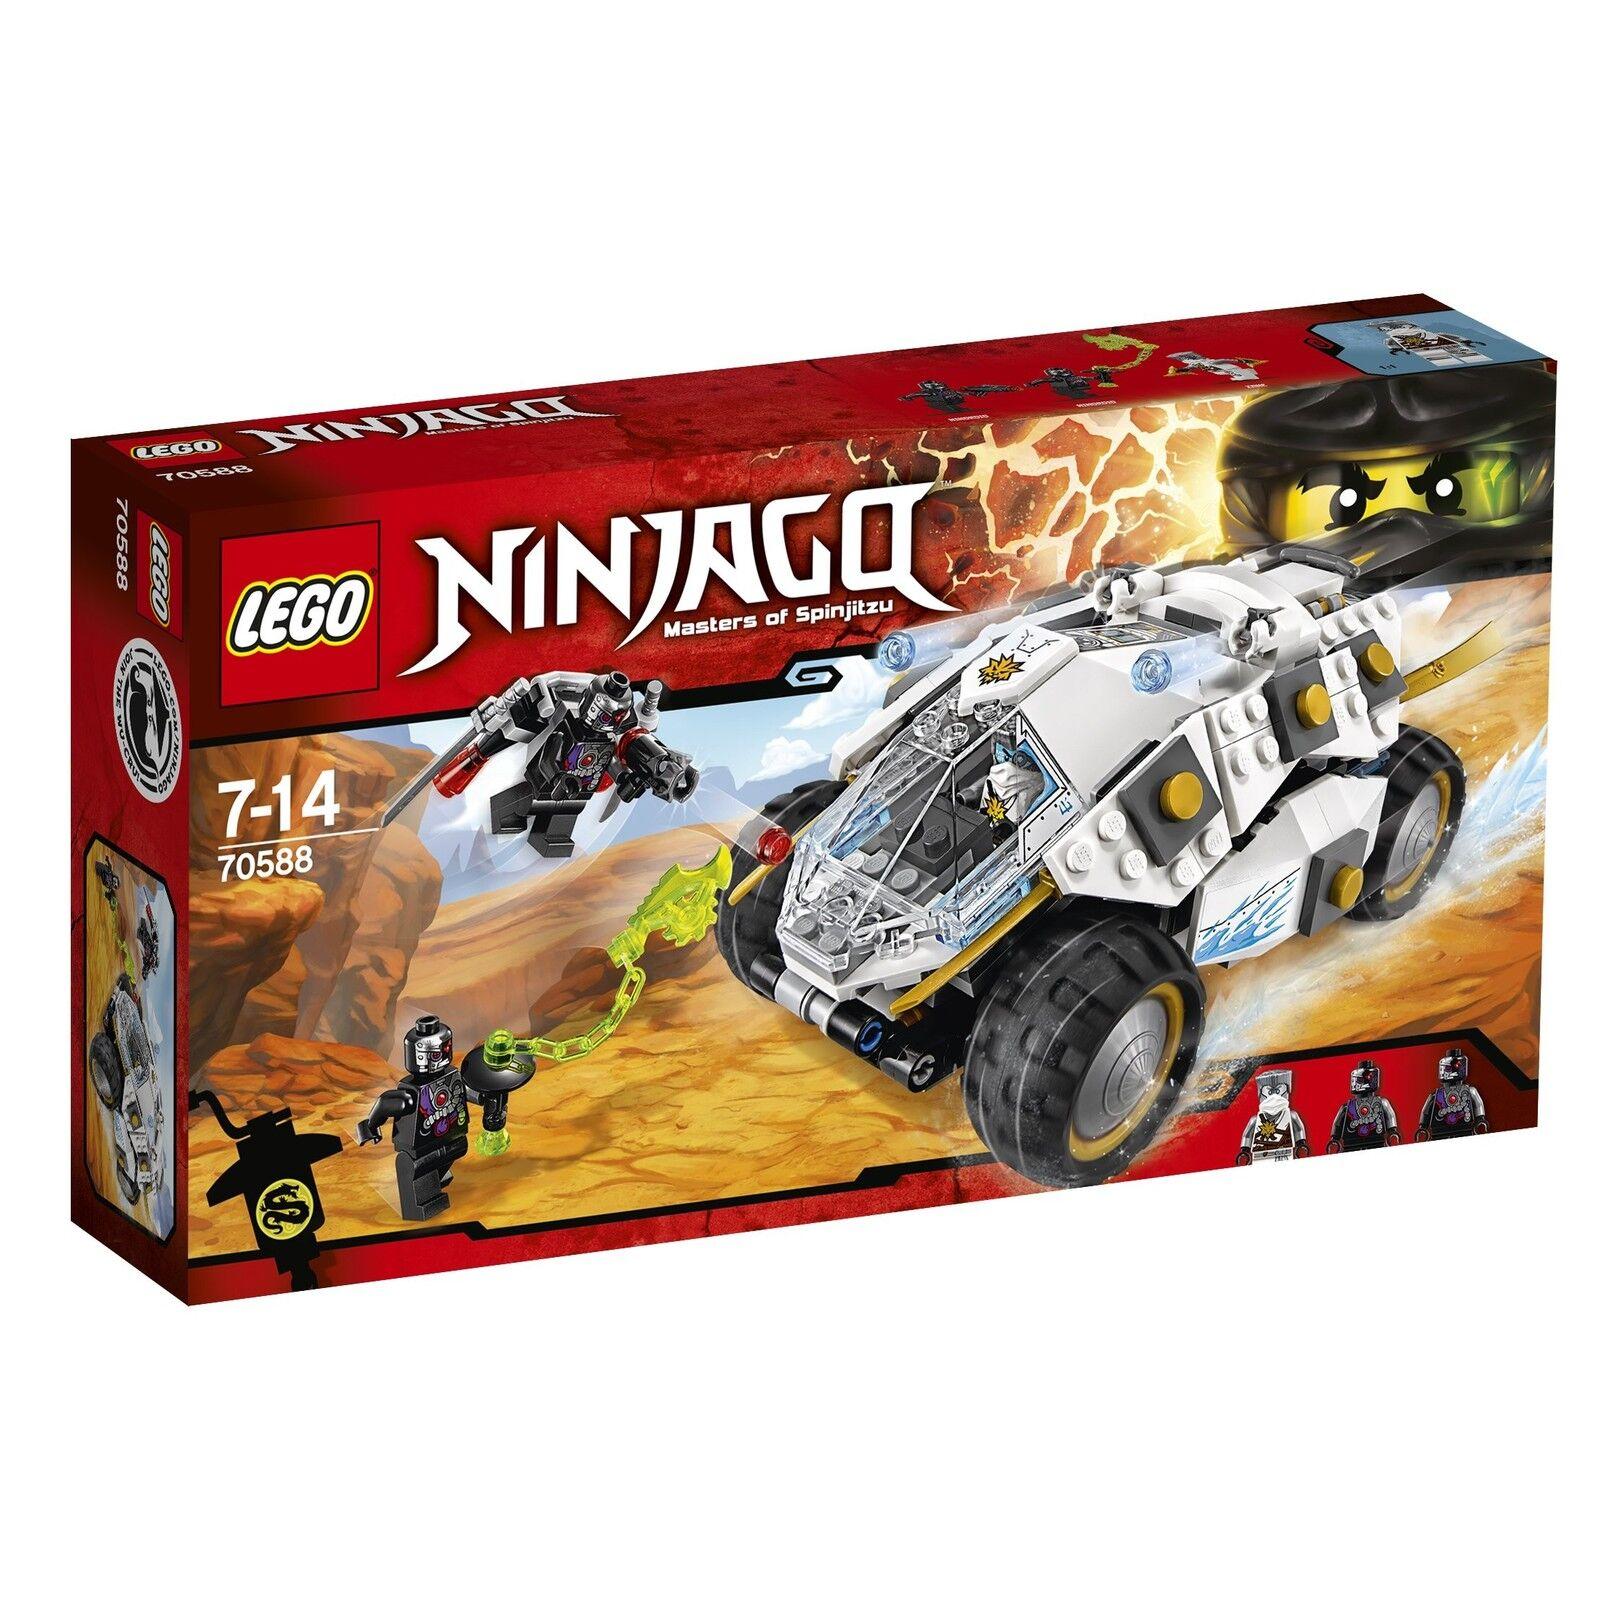 LEGO 70588 Ninjago TITANIO NINJA Tumbler Set di costruzione